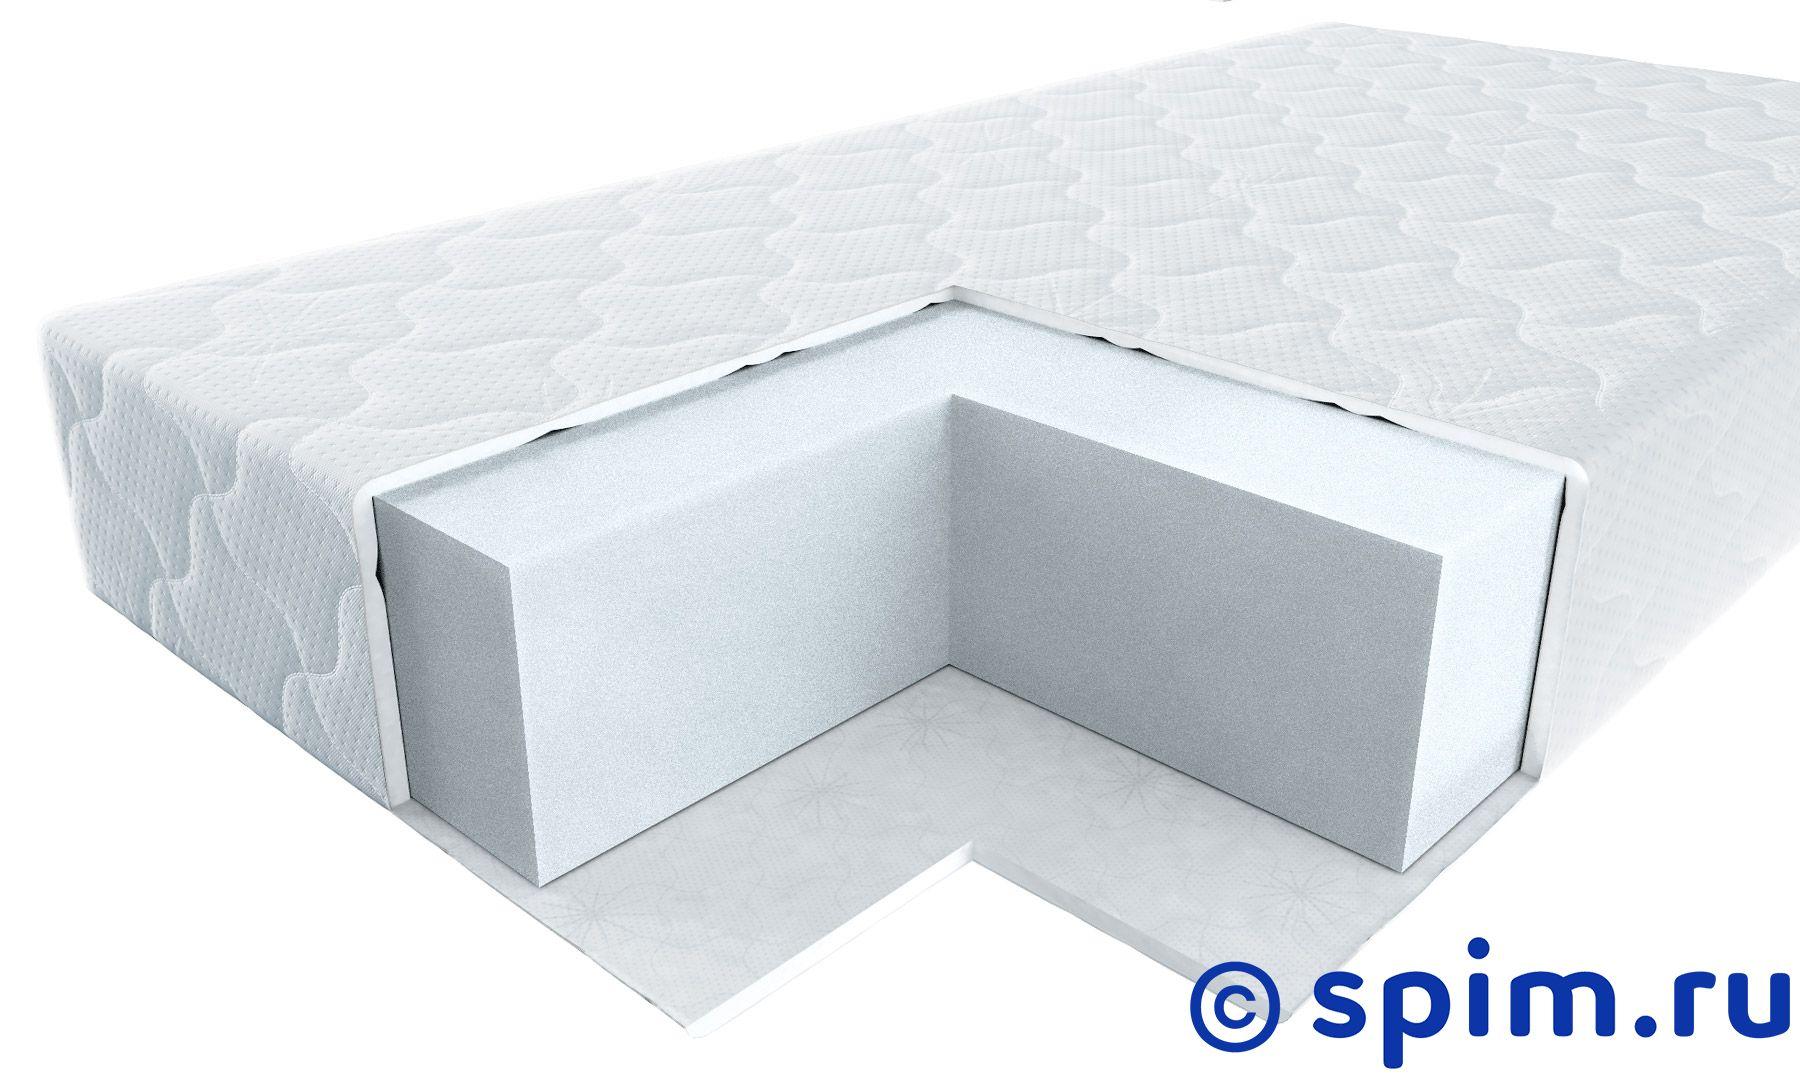 Матрас Вегас Smart Tempo 140х190 смМатрасы Vegas Smart<br>Беспружинный средне-жесткий матрас на основе материала Smartflex Soft. Чехол из ткани Jersey. Нагрузка, кг: 90. Высота, см: 17. Поставляется в скрученной упаковке. Размер Vegas Смарт Темпо двуспальный: 140 x 190 см<br><br>Ширина см: 140<br>Длина см: 190